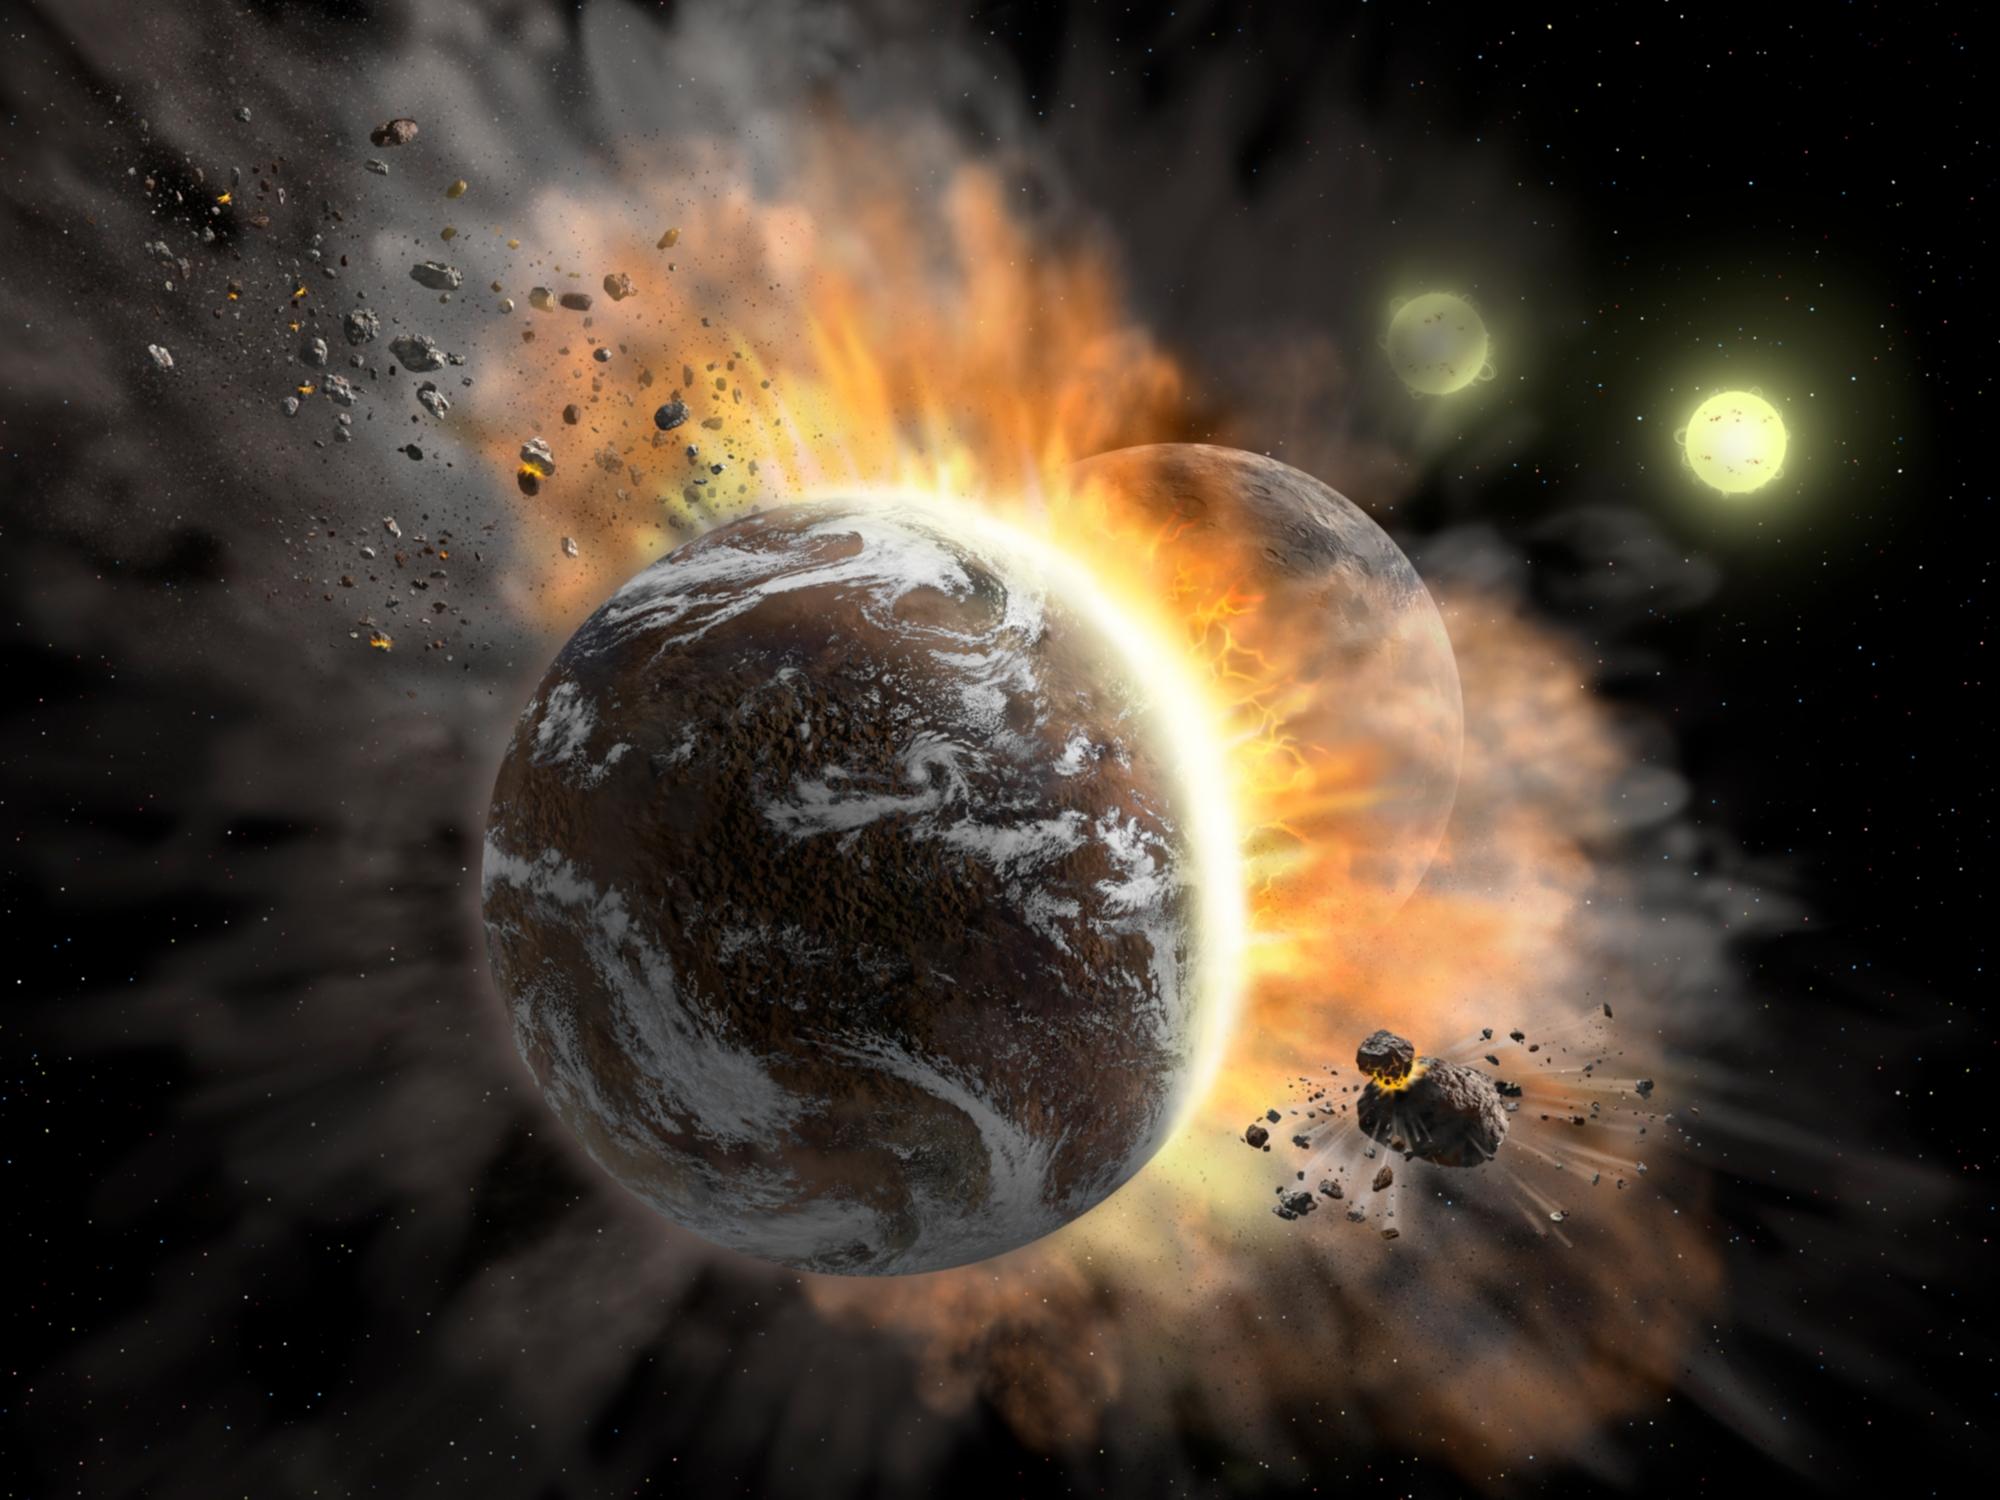 Künstlerische Darstellung des Zusammenstoßes zweier Exoplaneten